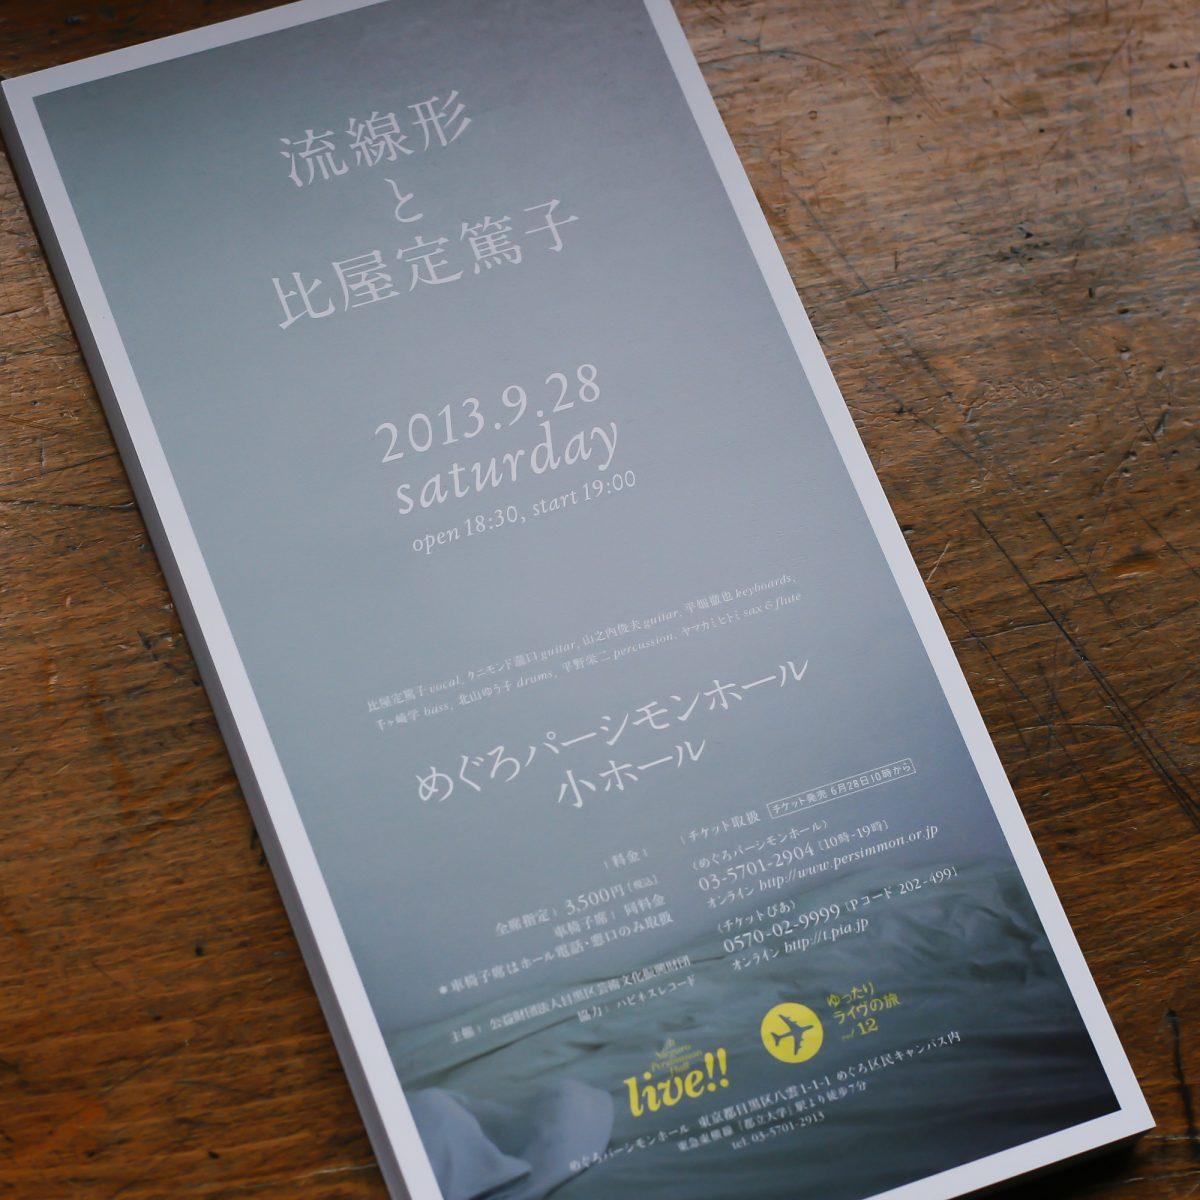 流線形と比屋定篤子 グラフィックデザイン フライヤー 公共ホール